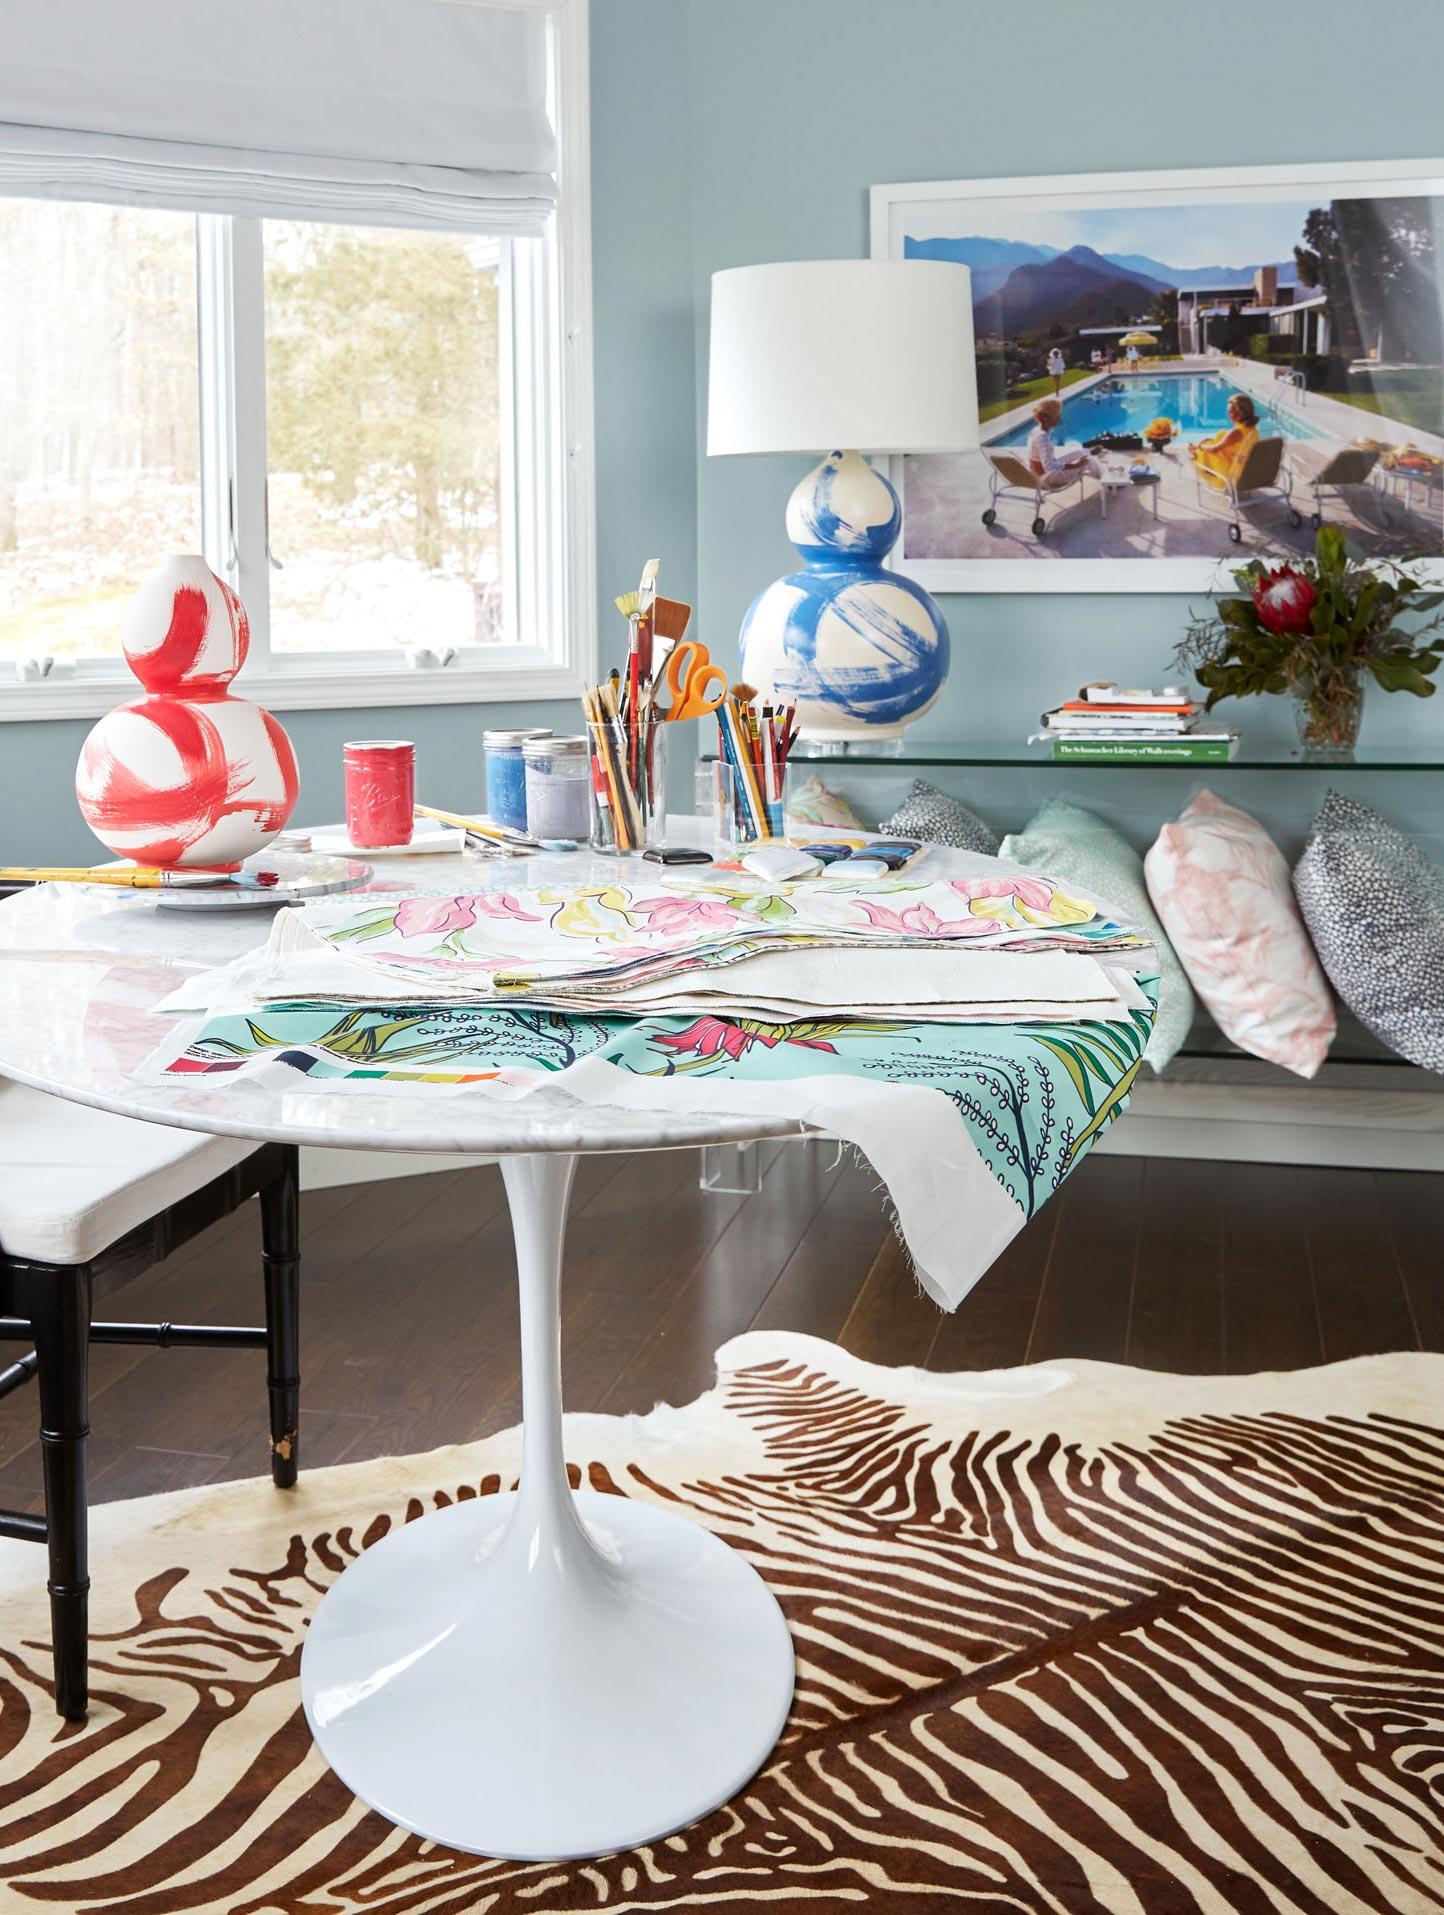 Bek art table